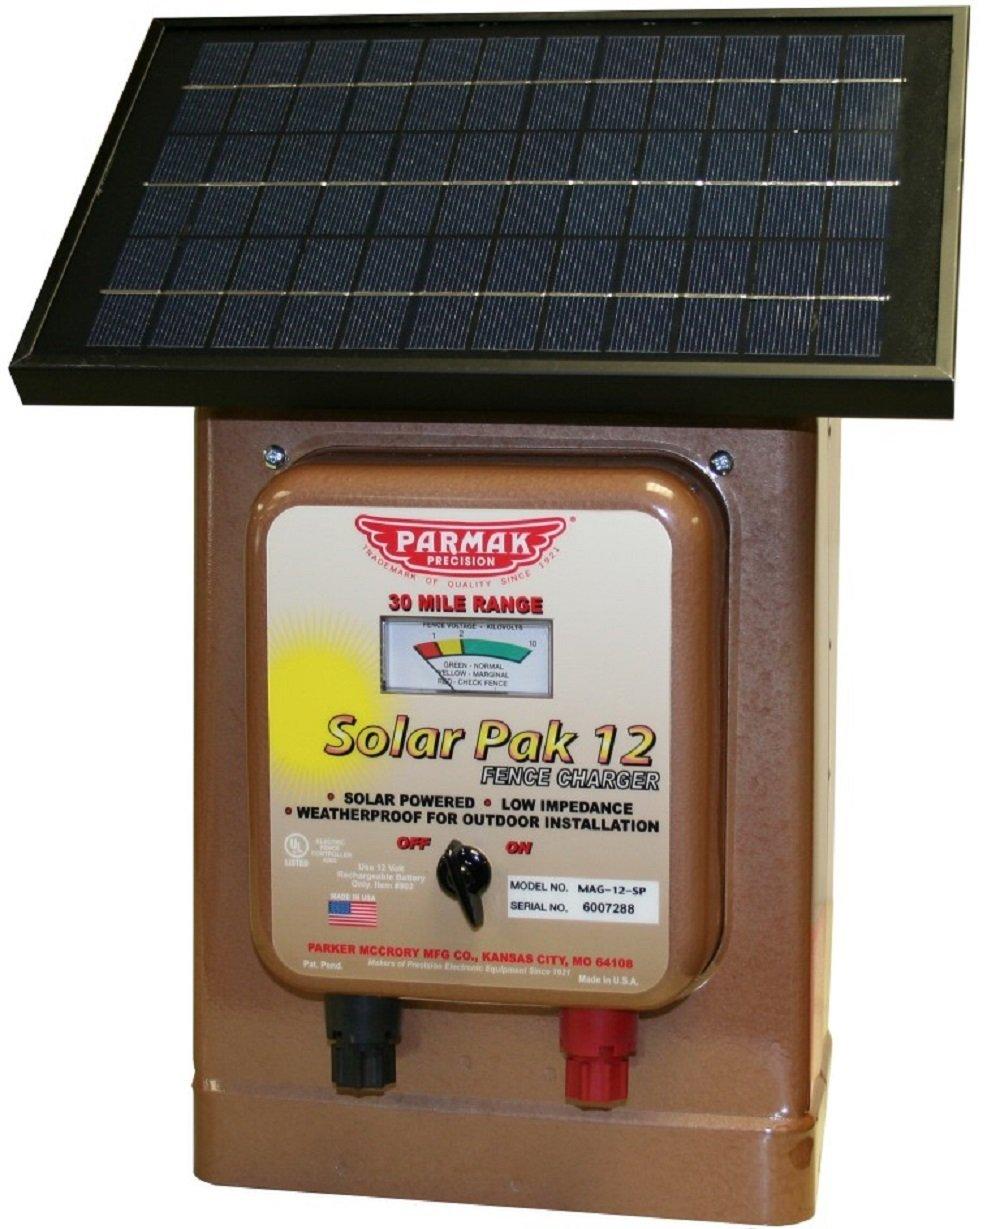 Parmak Magnum Solar-Pak 12 Fence Charger